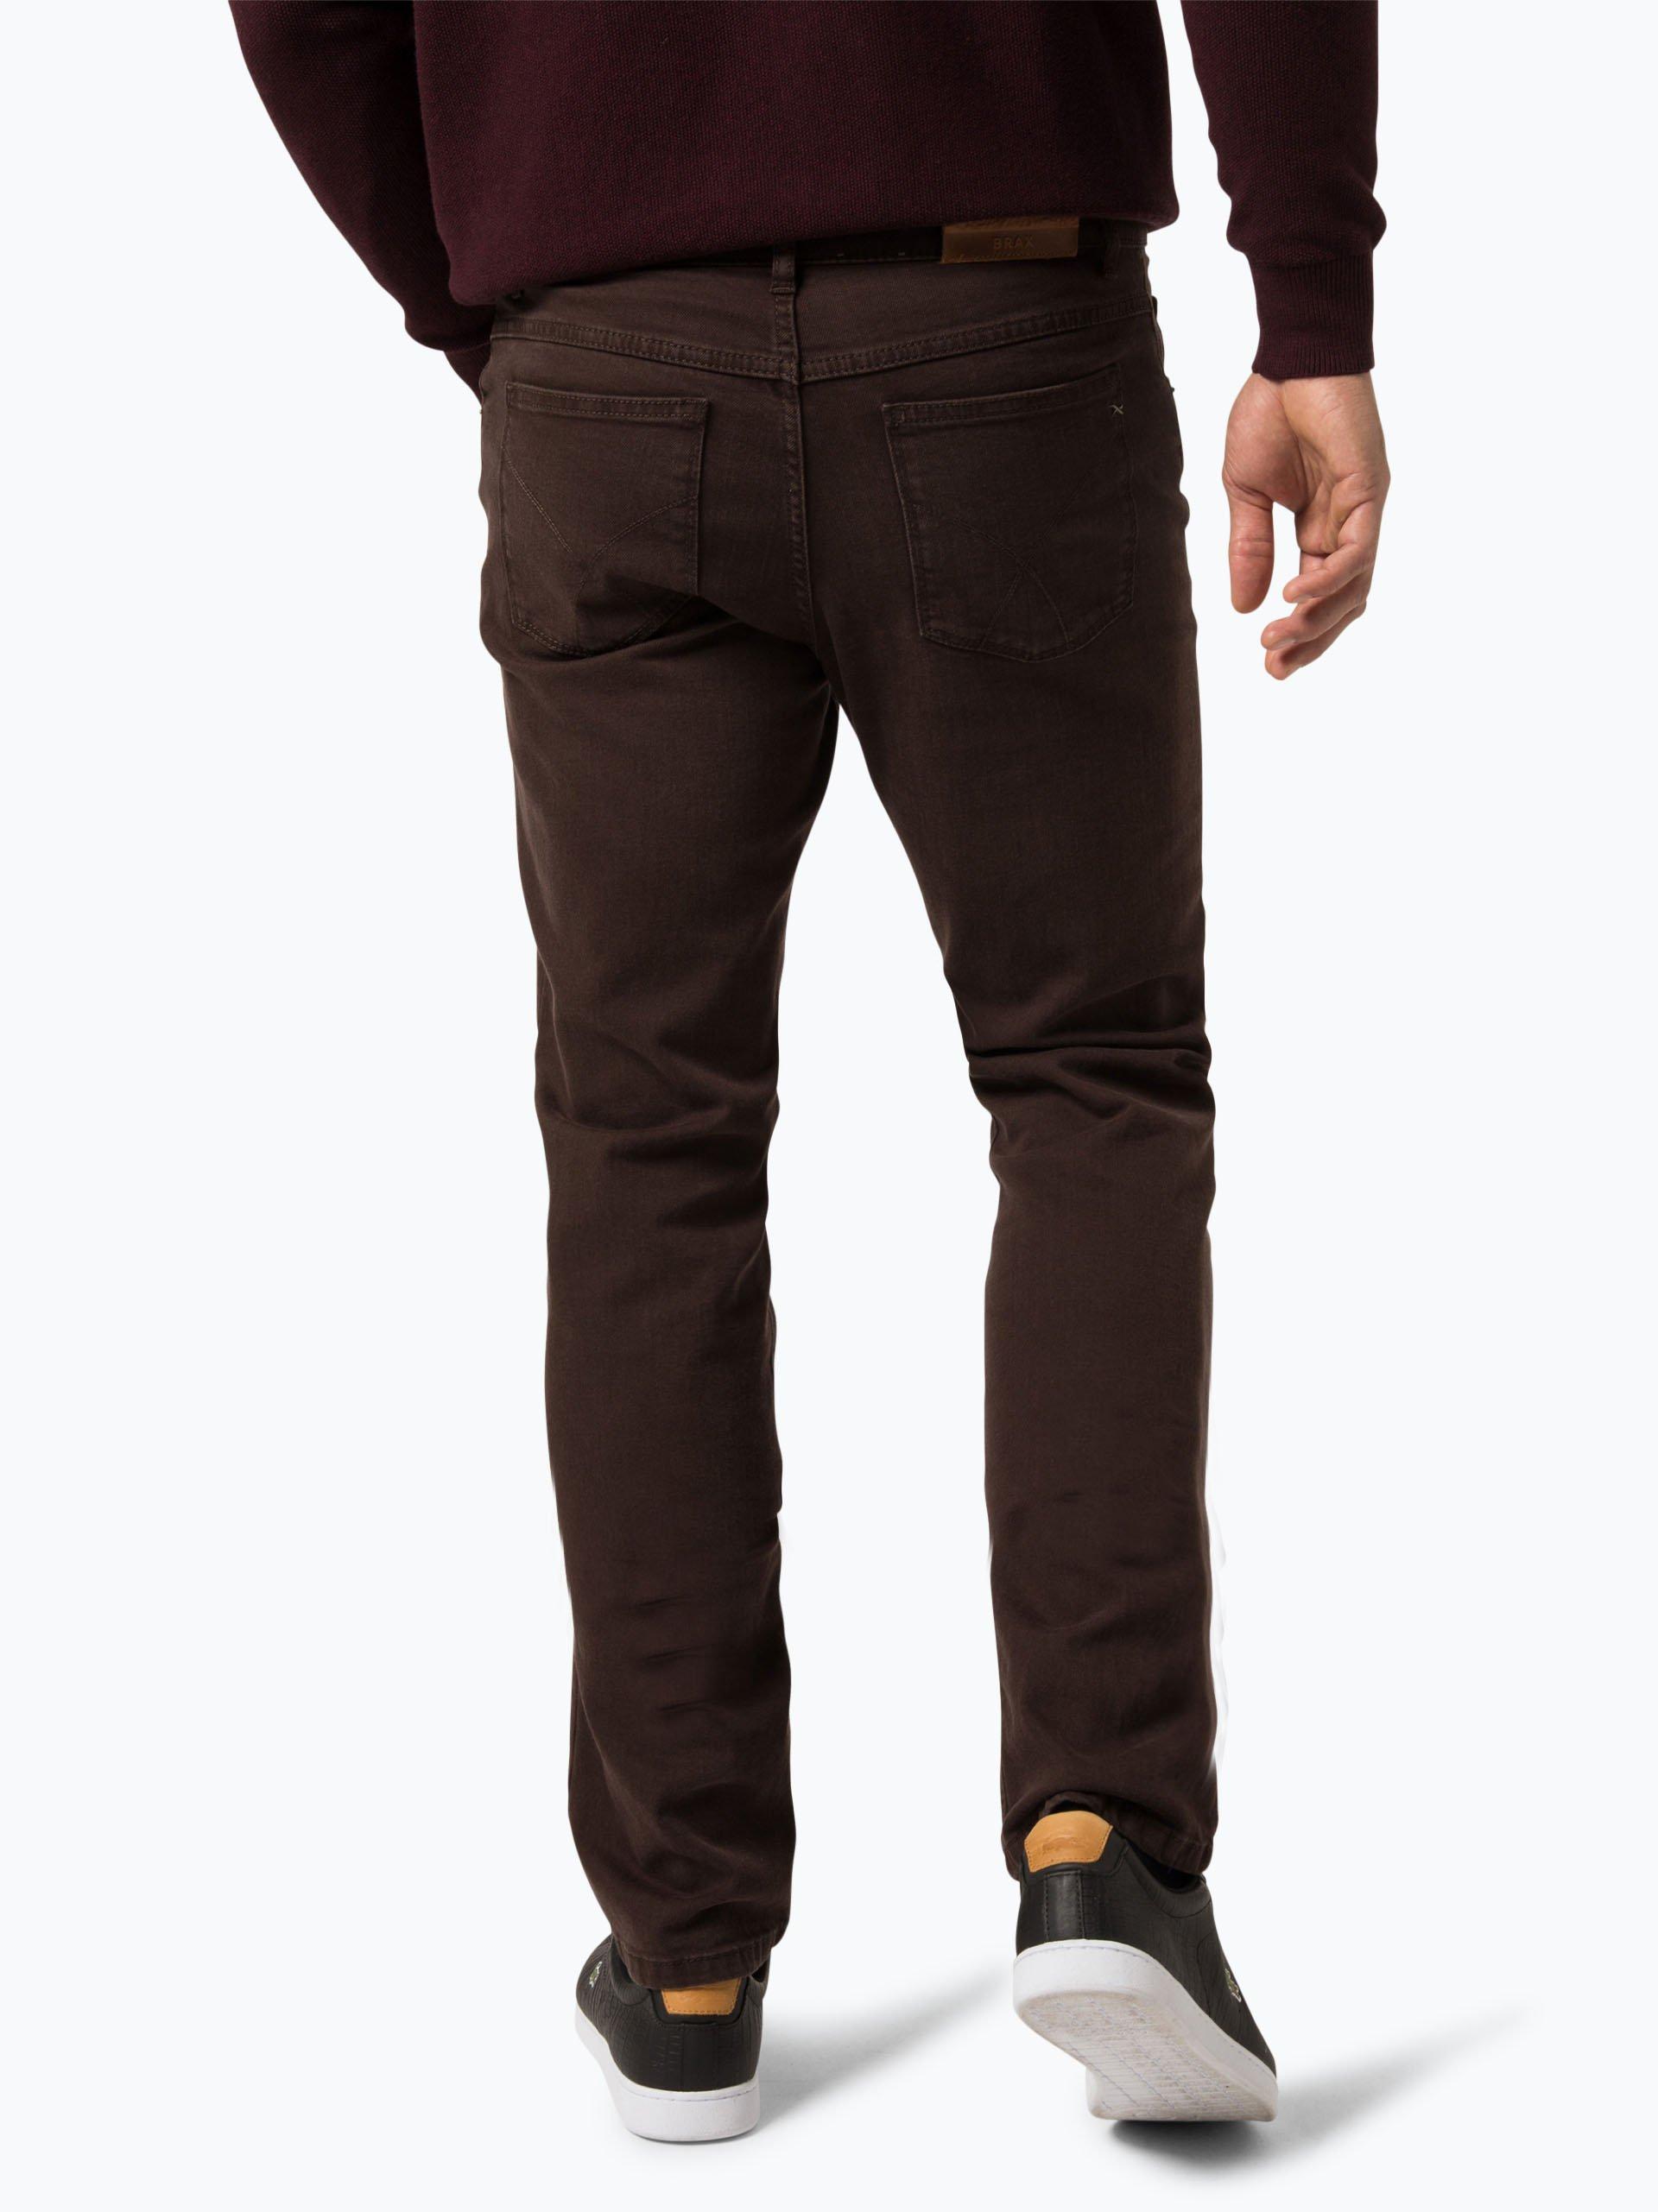 brax herren jeans cooper schoko uni online kaufen. Black Bedroom Furniture Sets. Home Design Ideas